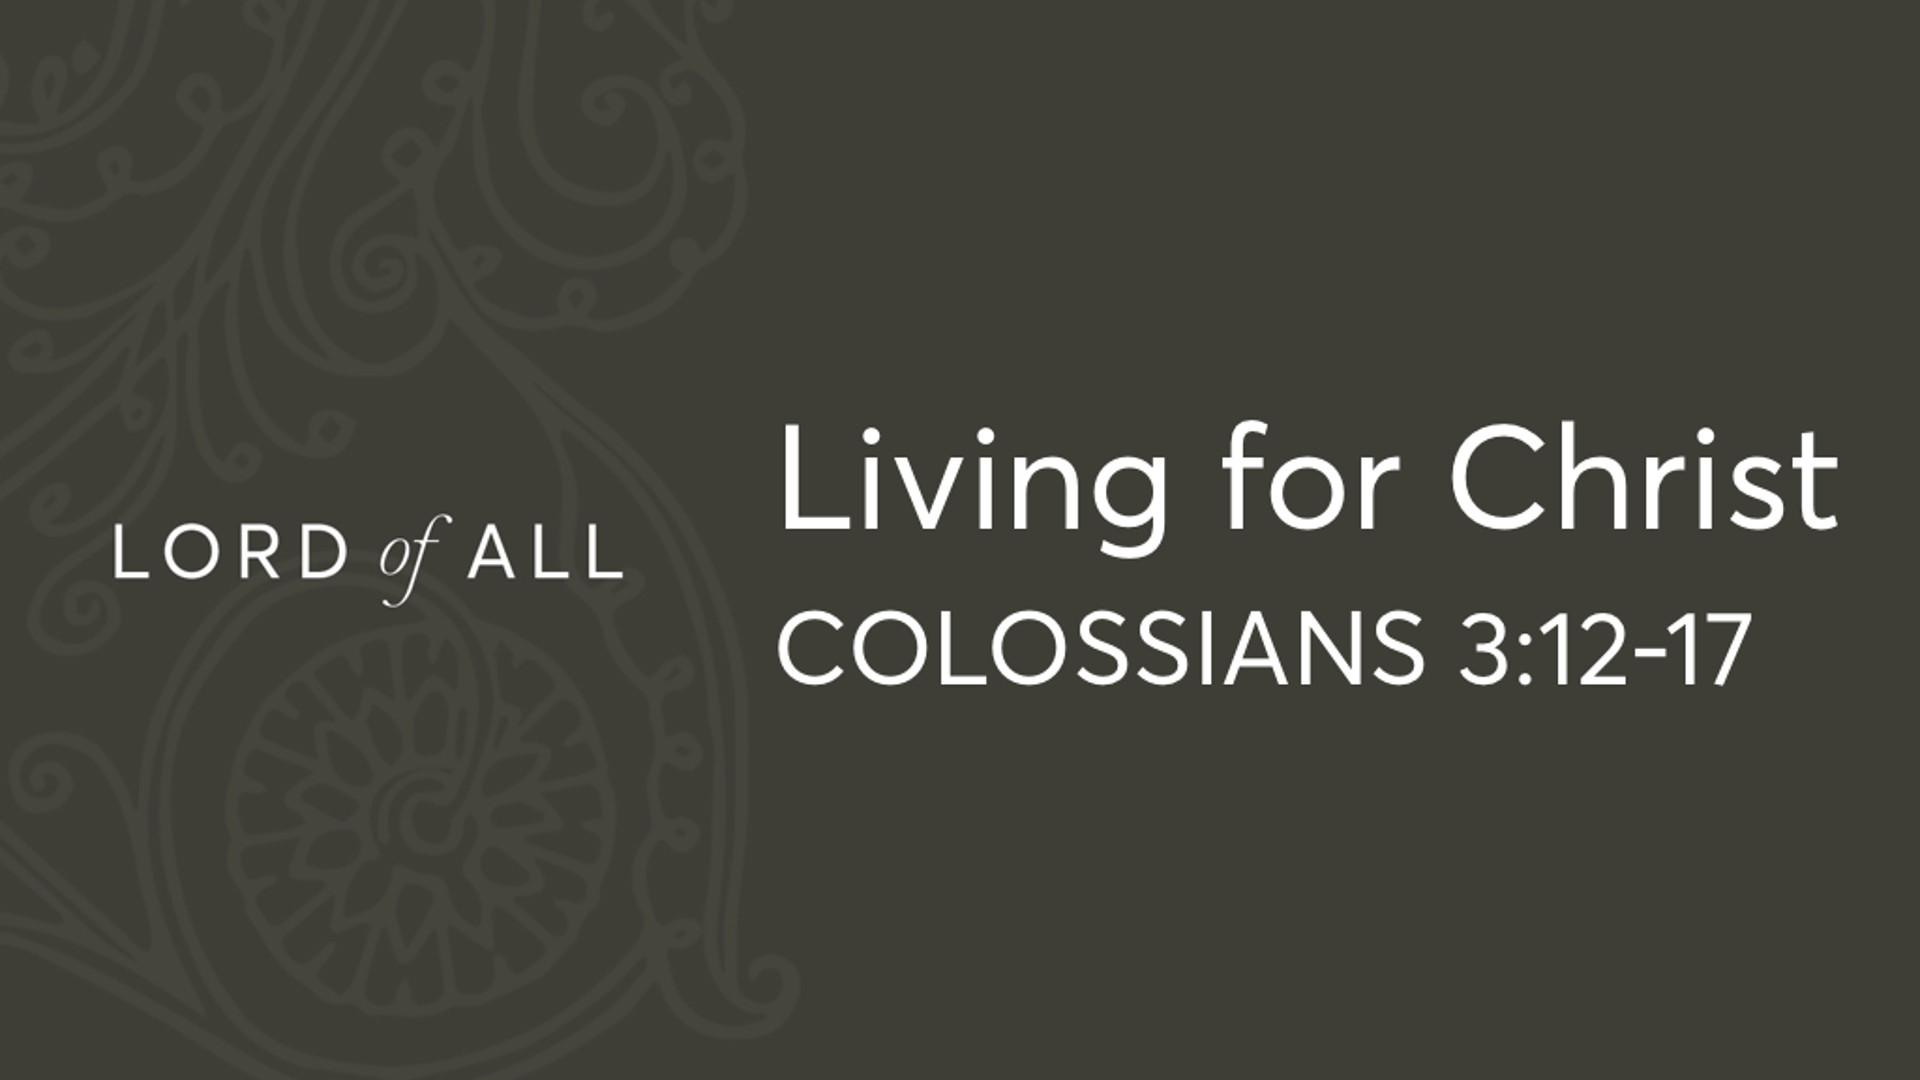 Col 3.12-17 - Living for Christ.jpg